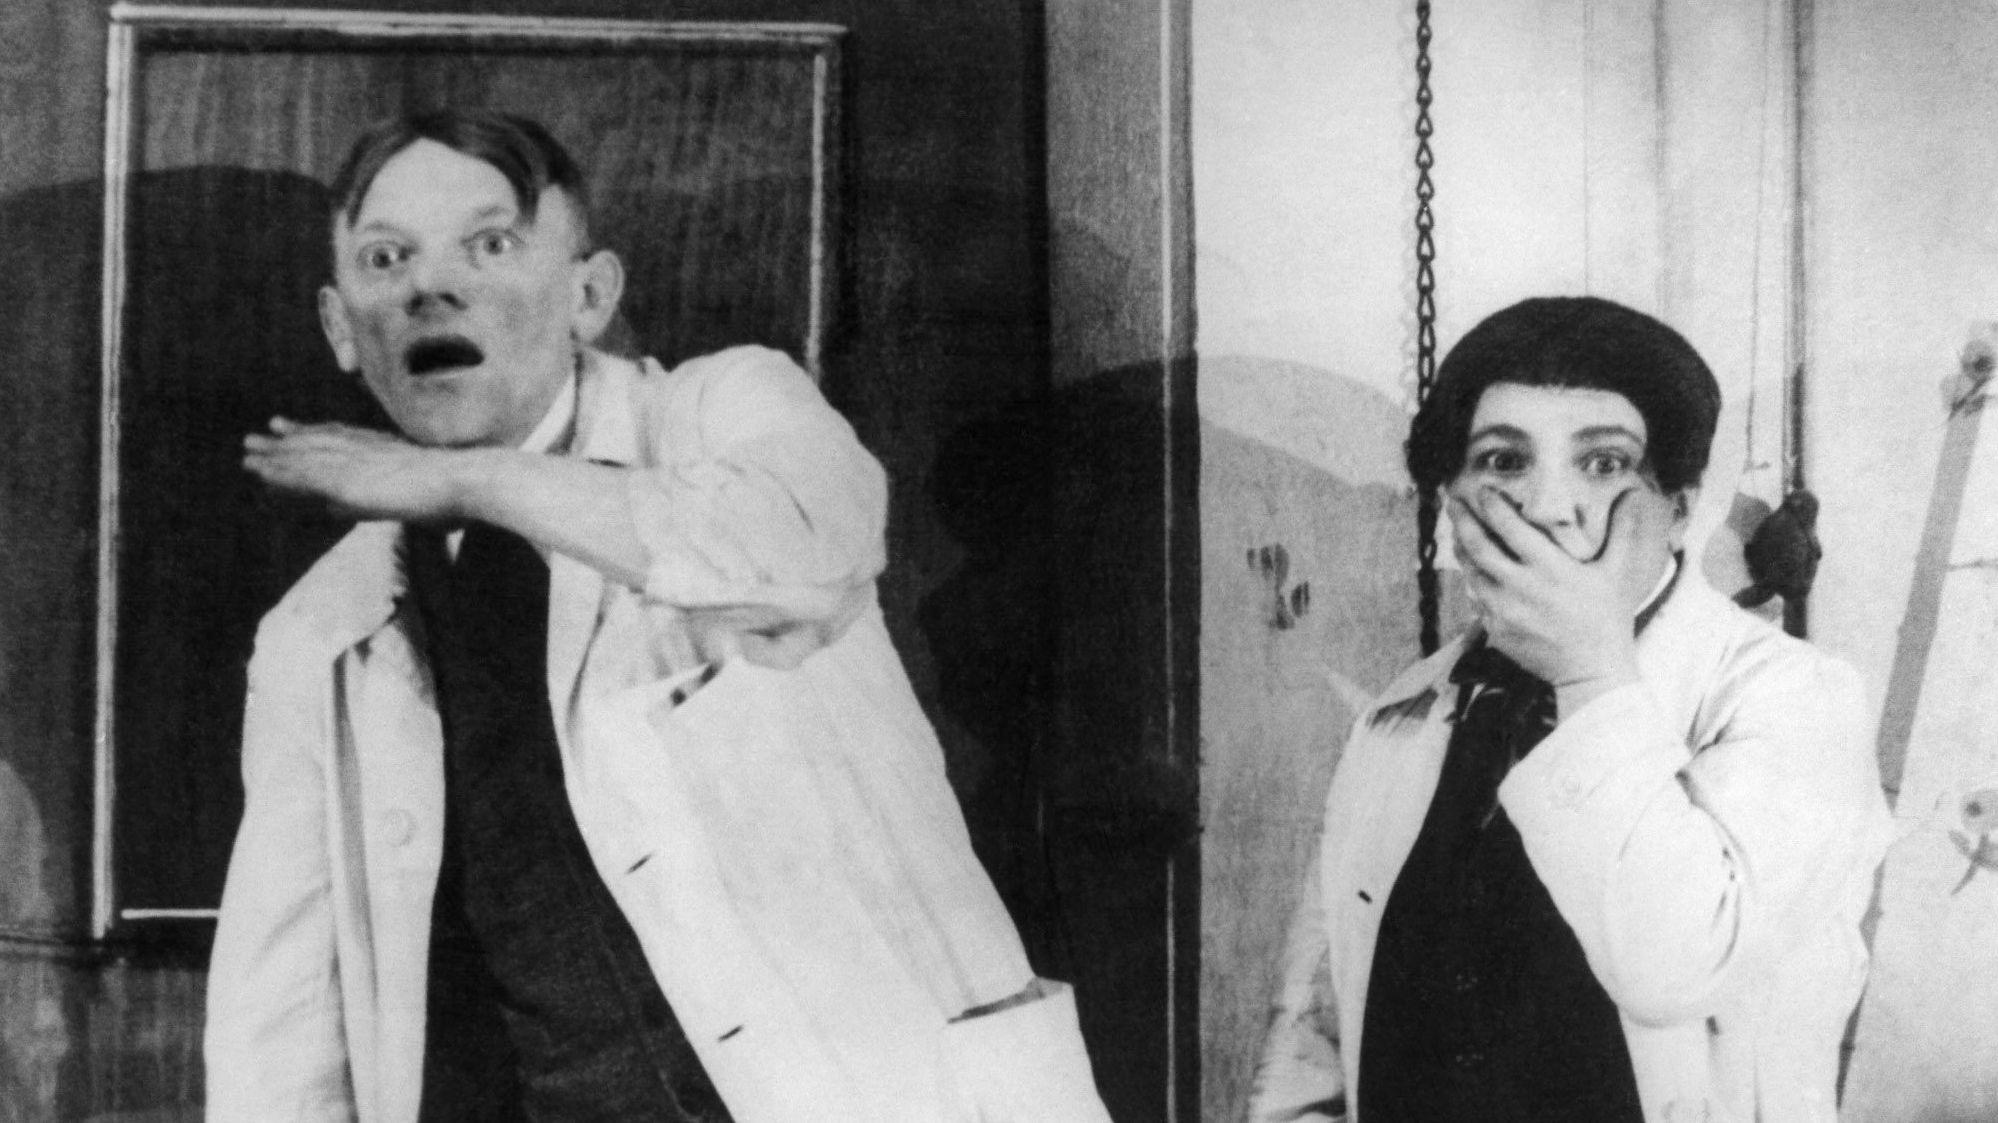 Karl Valentin und Liesl Karlstadt schauen erschreckt